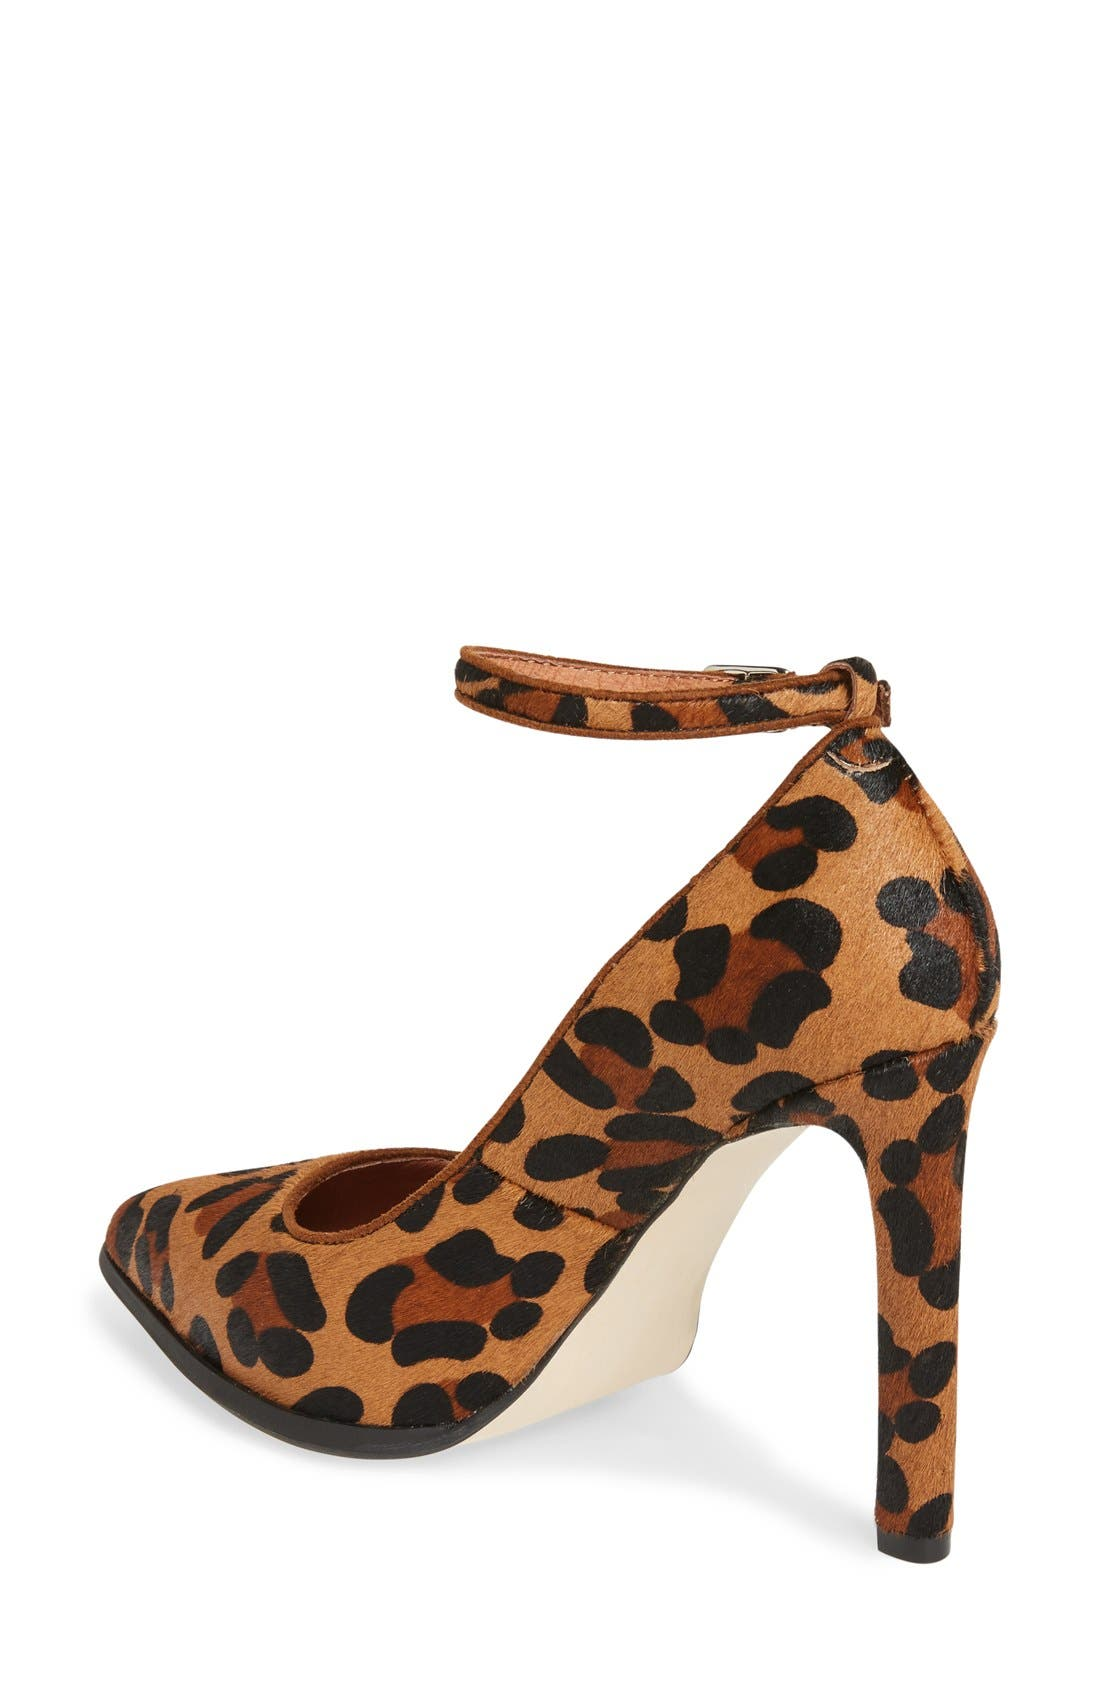 Lentine Ankle Strap Pump,                             Alternate thumbnail 2, color,                             Brown Leopard